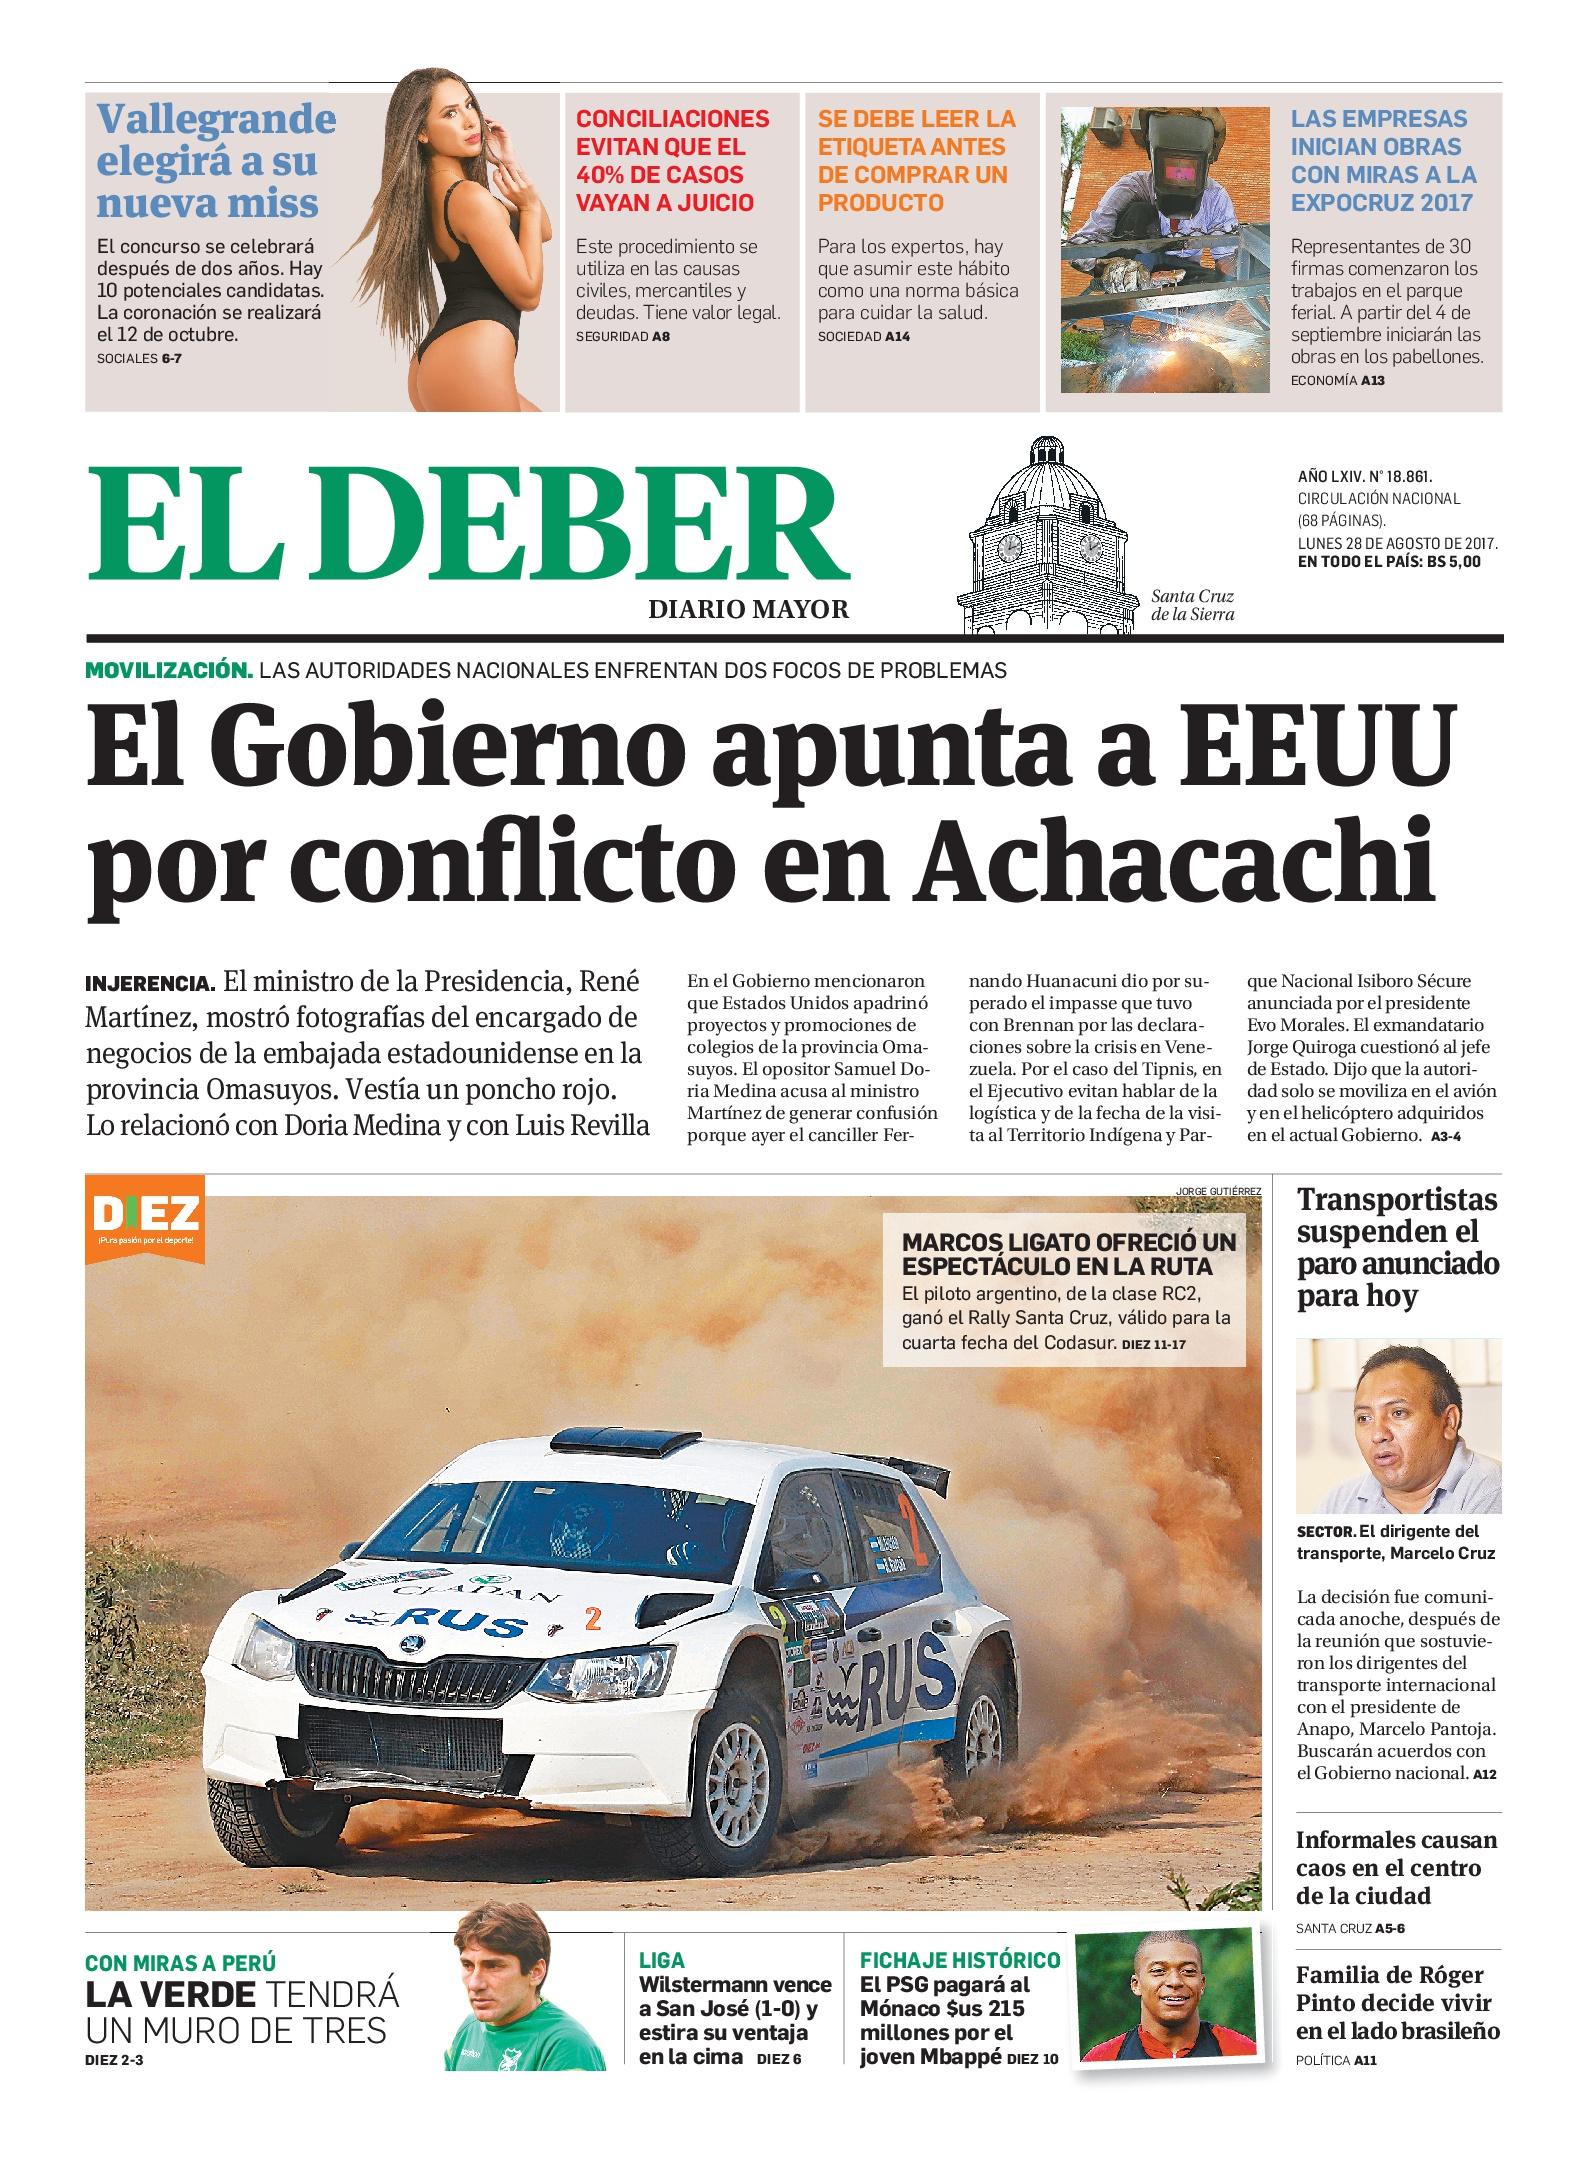 eldeber.com_.bo59a402466582d.jpg